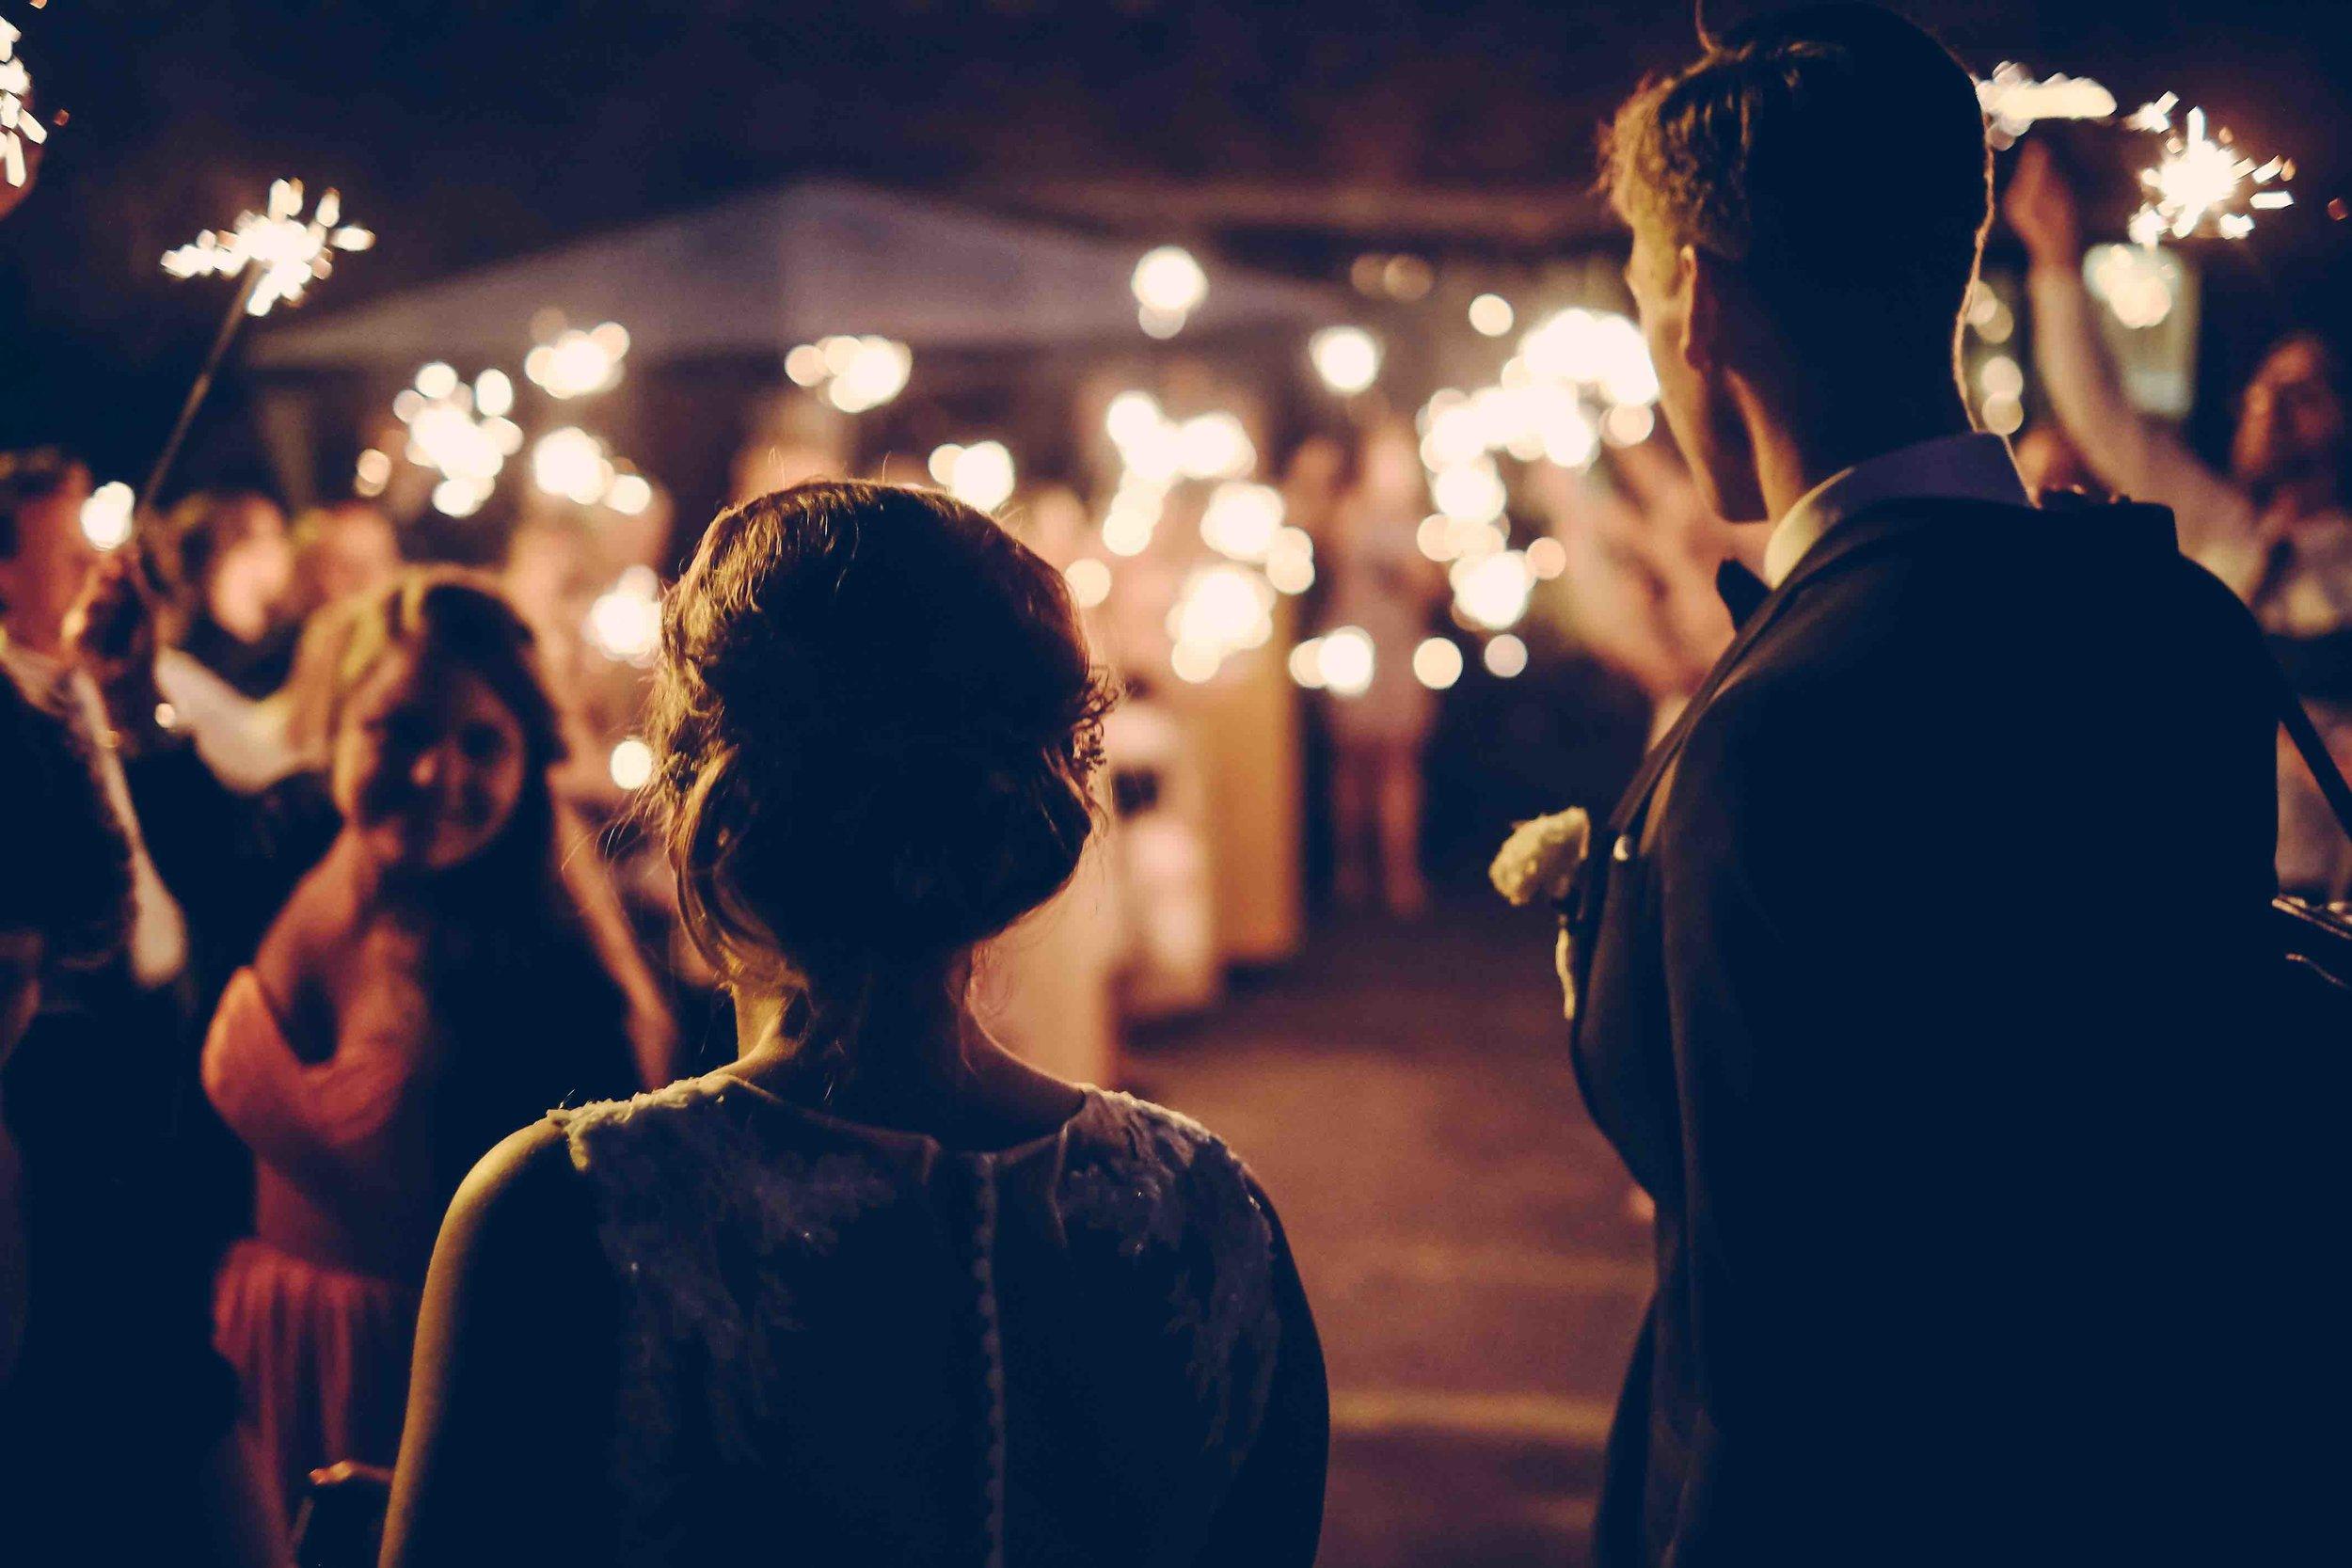 musik till bröllop.jpg